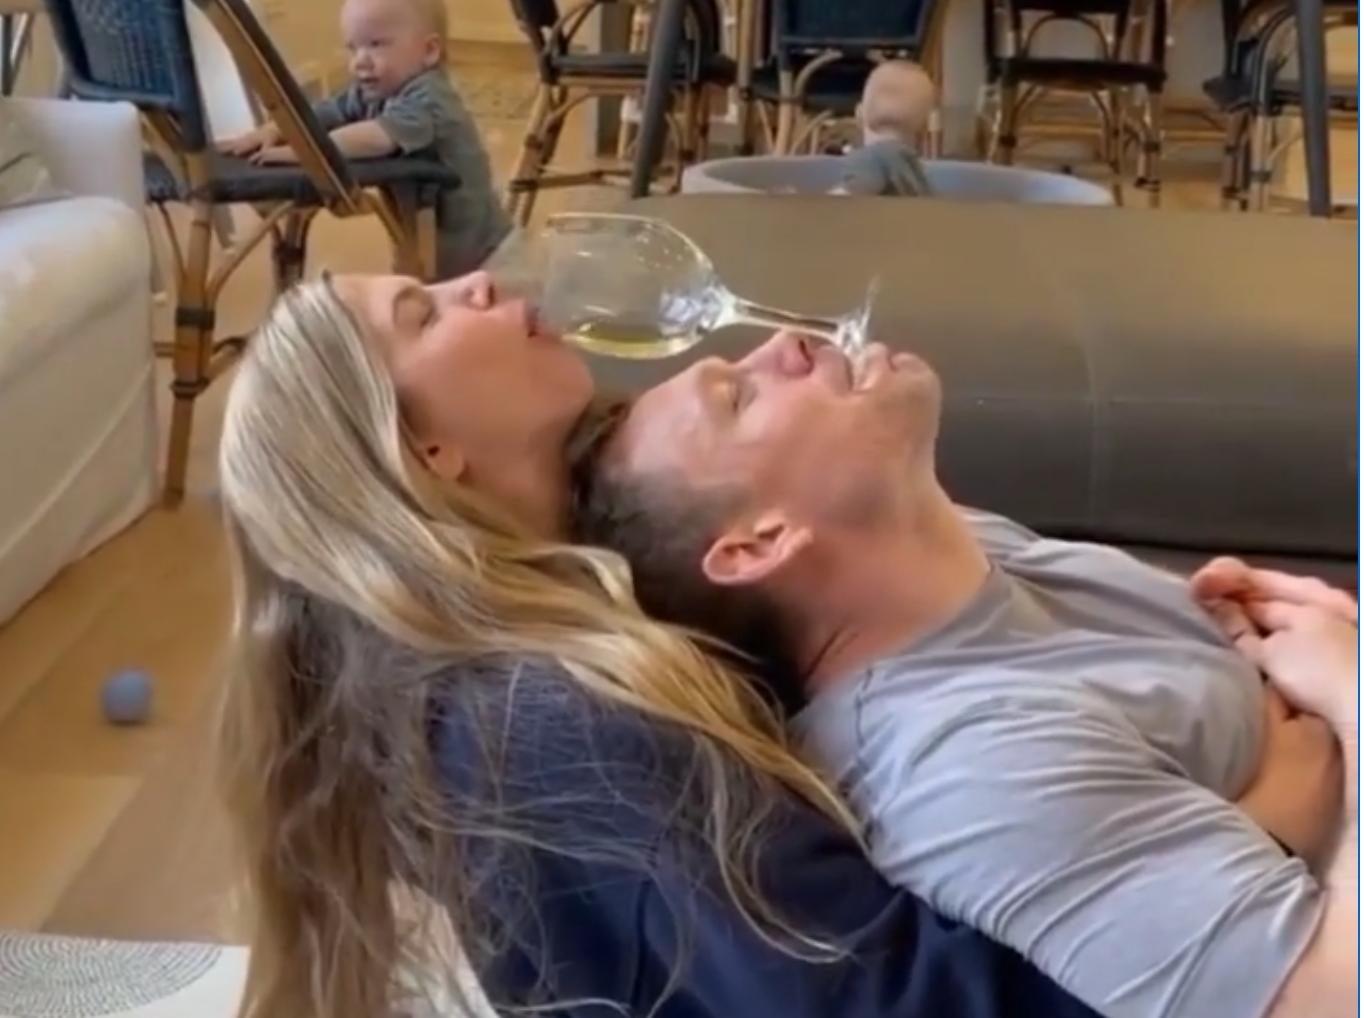 Una parella intentant beure vi fent piruetes | IG happineslovers